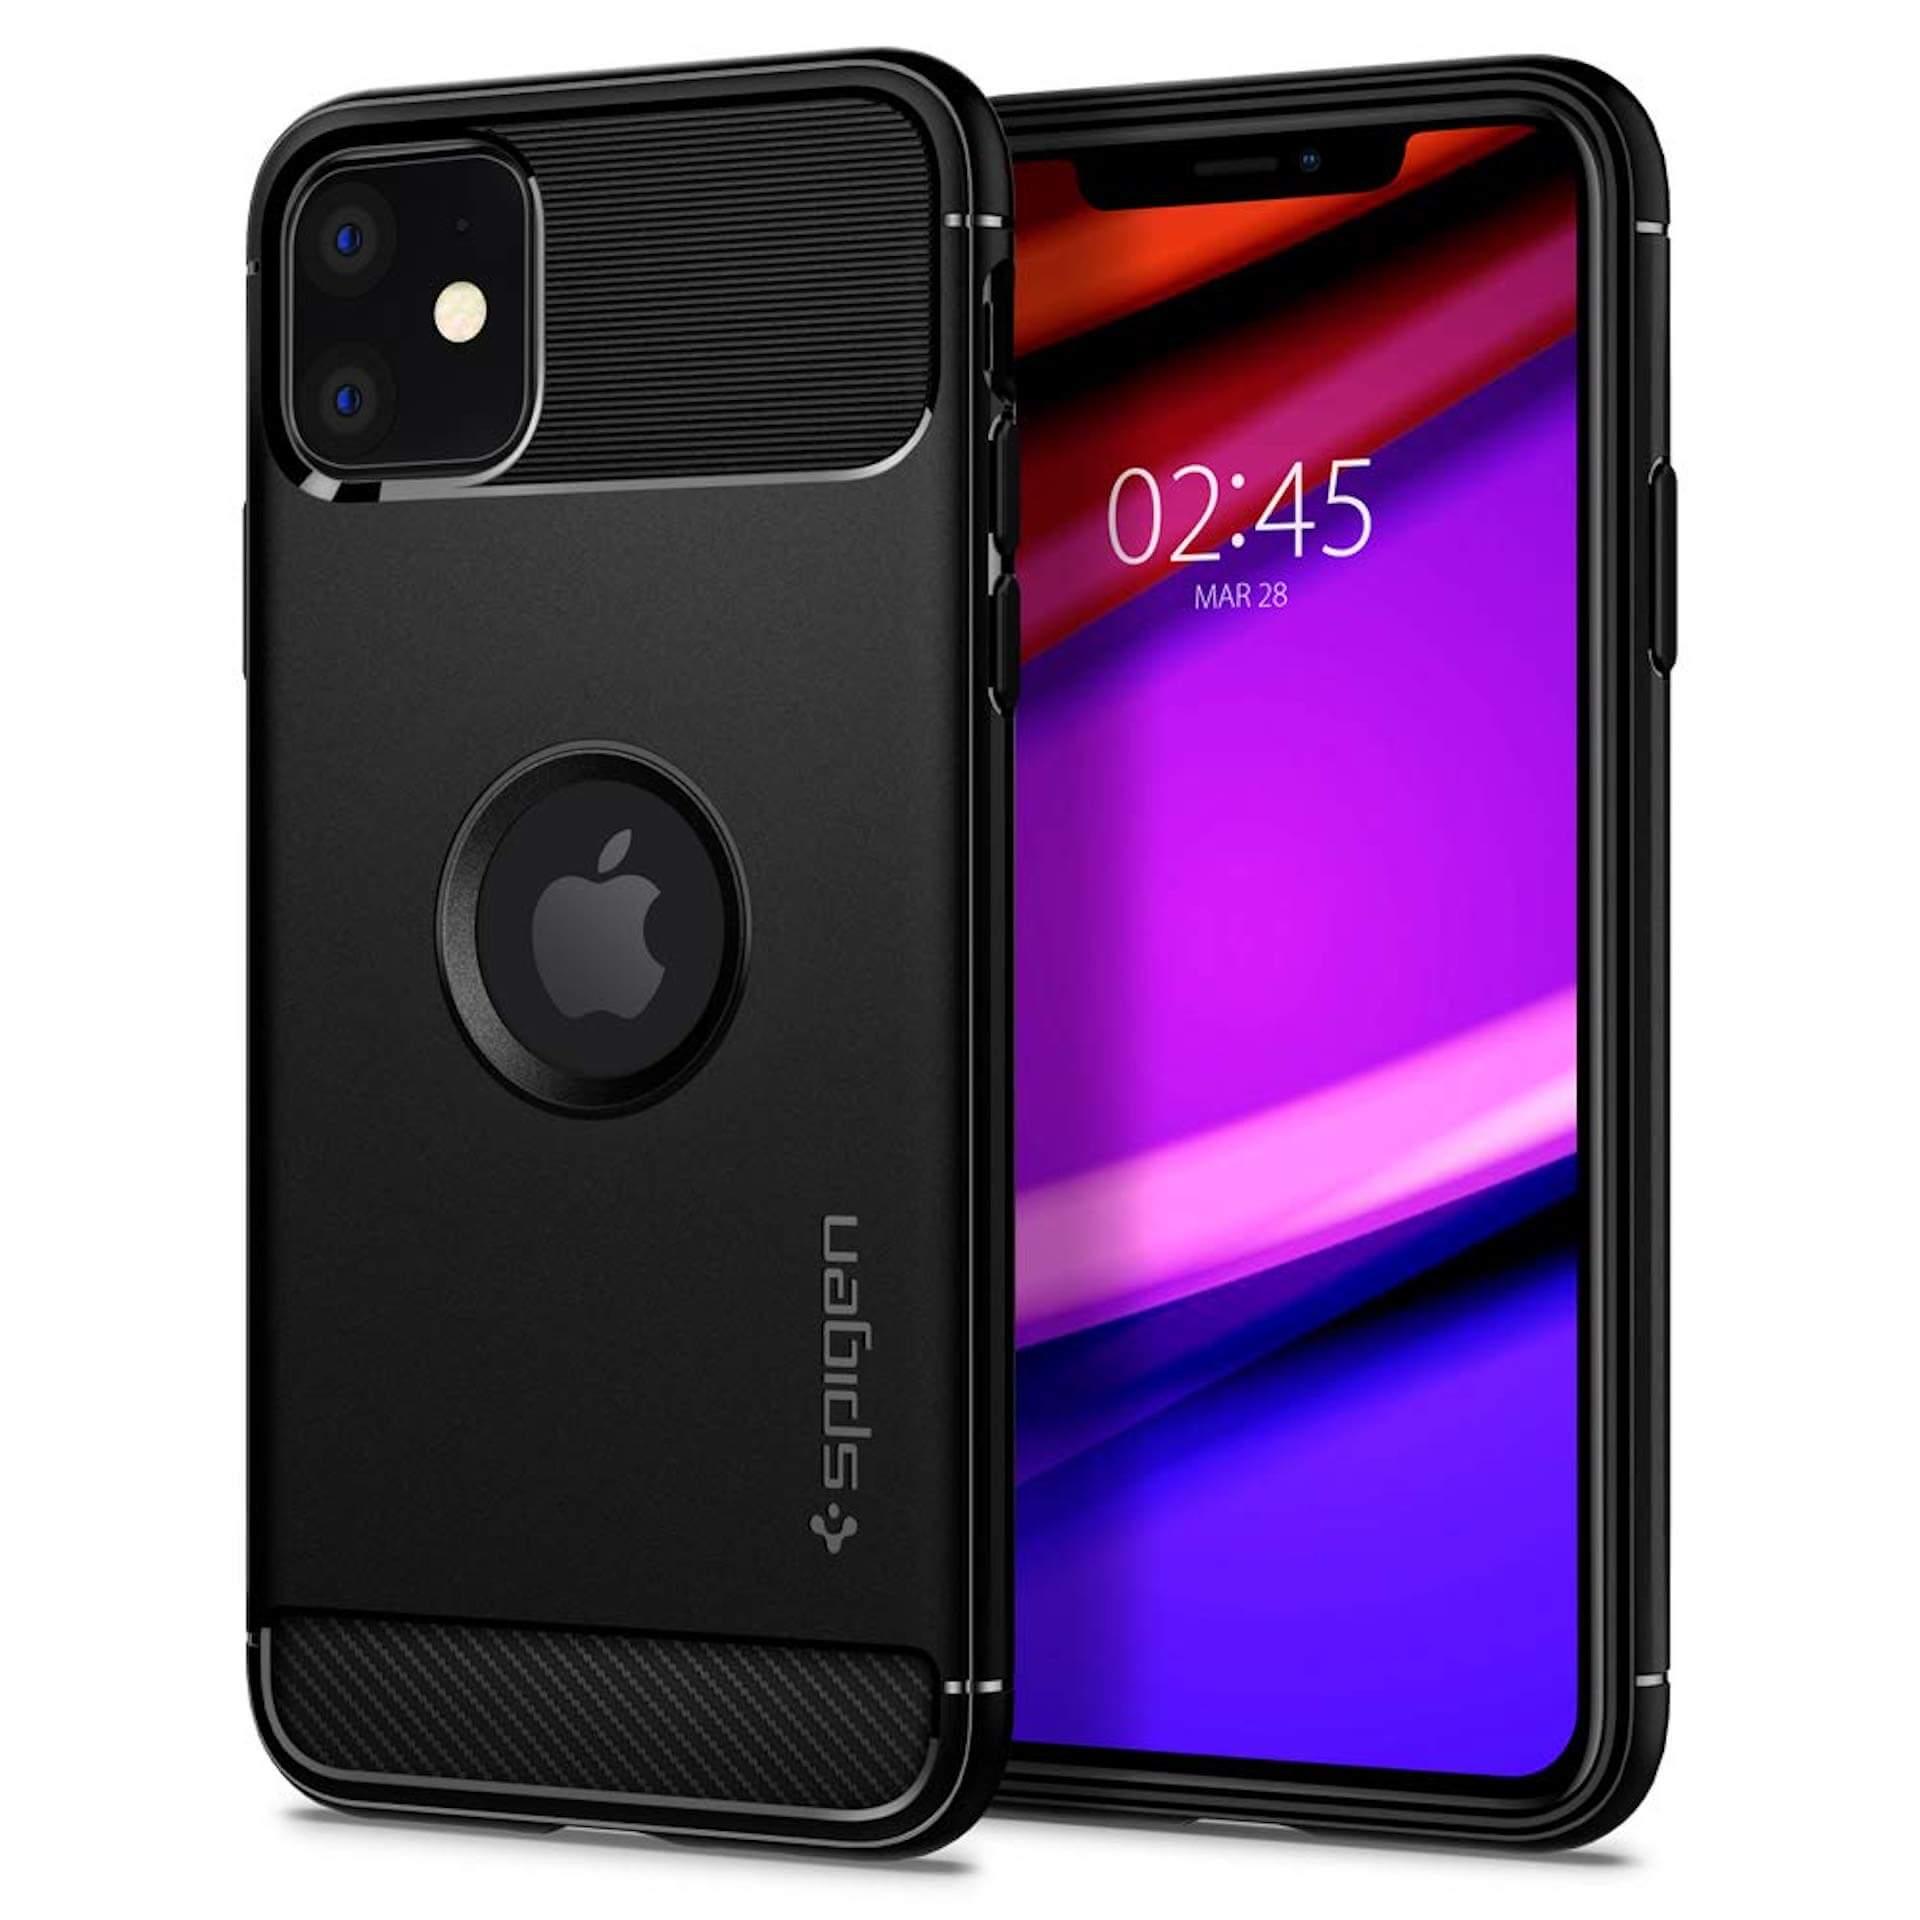 新型iPhone、やっぱりトリプルカメラ!?SpigenよりiPhone 11用ケースが発売開始 tech190906spigen-case_5